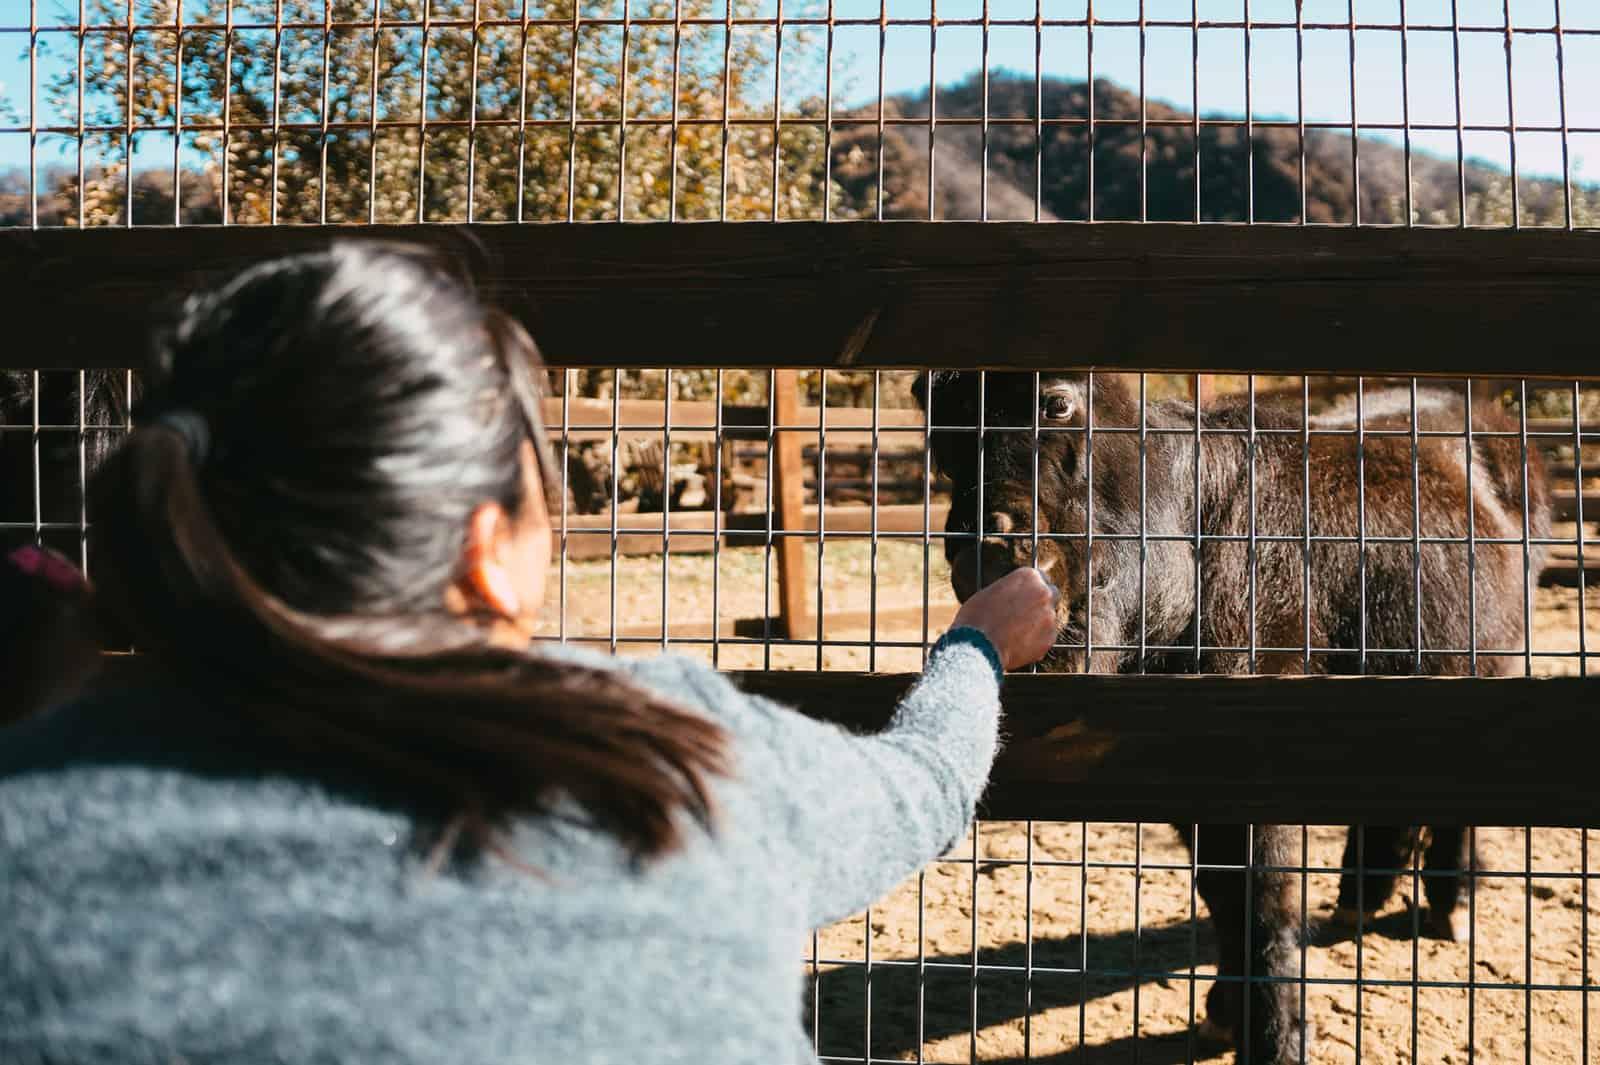 eine Frau streichelt ein Pony im Zoo